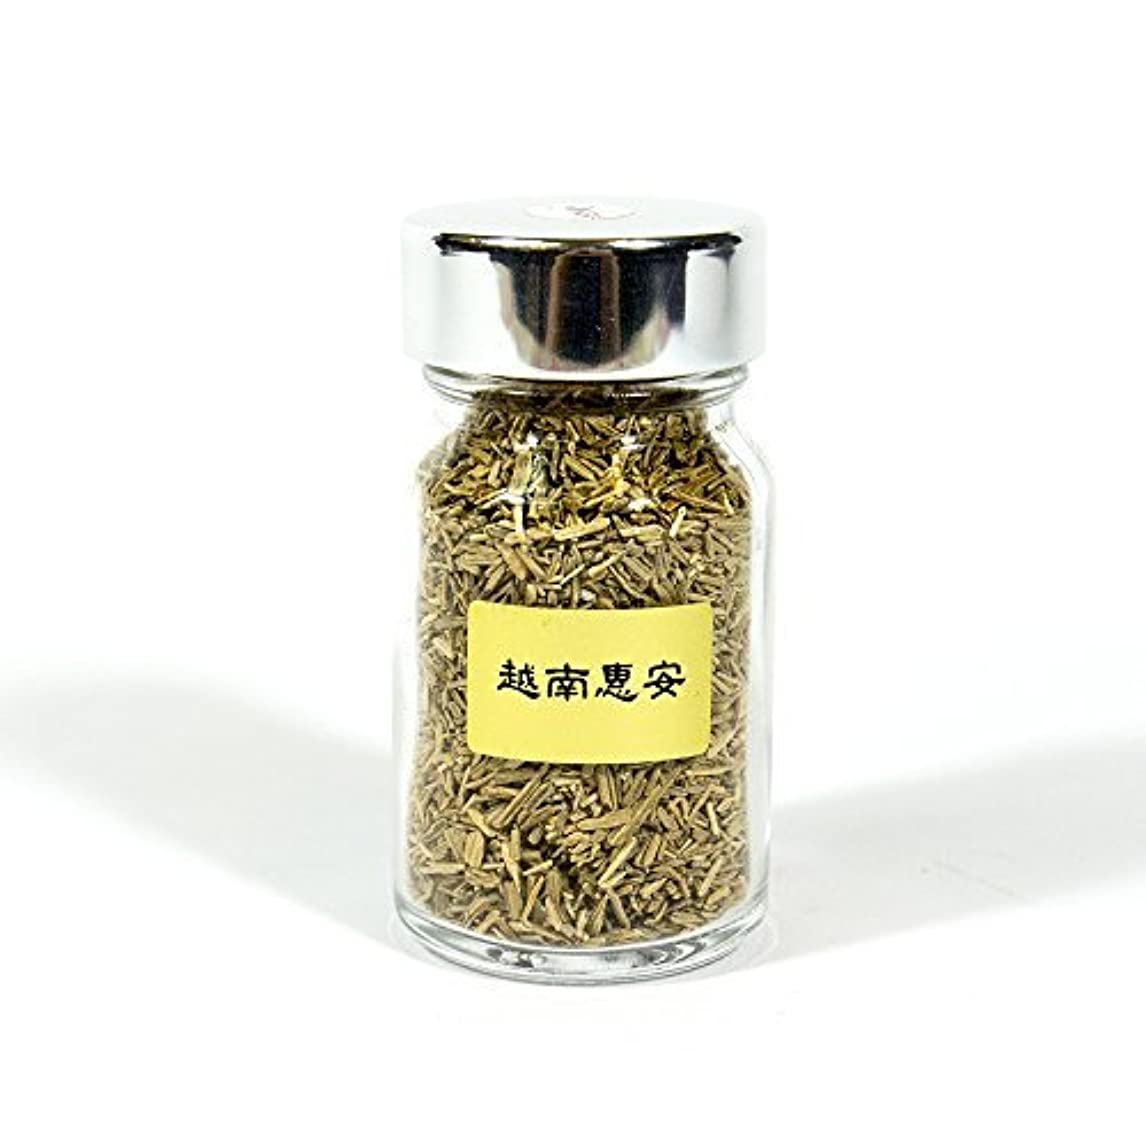 ドリルぼろ限定Agarwood Aloeswood Oud Chip Scrap Vietnam Hoi-An 10g Cultivated Suitable for Electric Burner by IncenseHouse - Raw Material [並行輸入品]